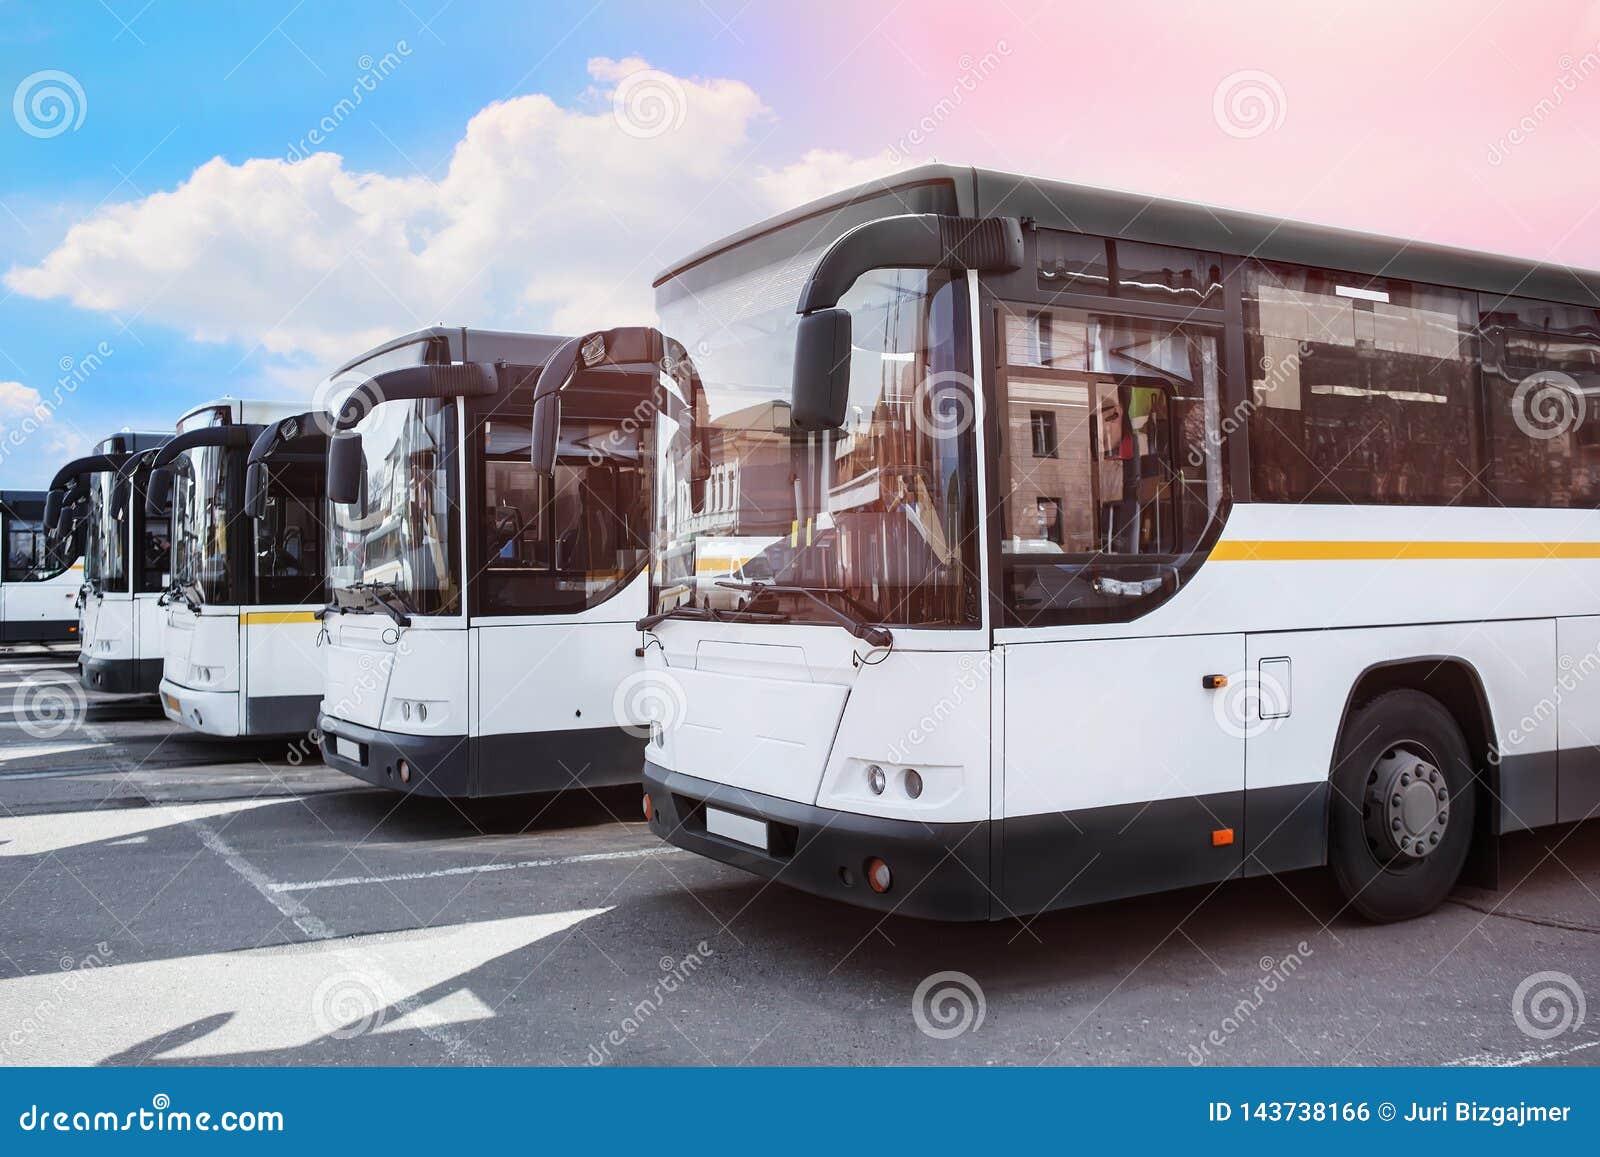 λεωφορεία τουριστών στο χώρο στάθμευσης